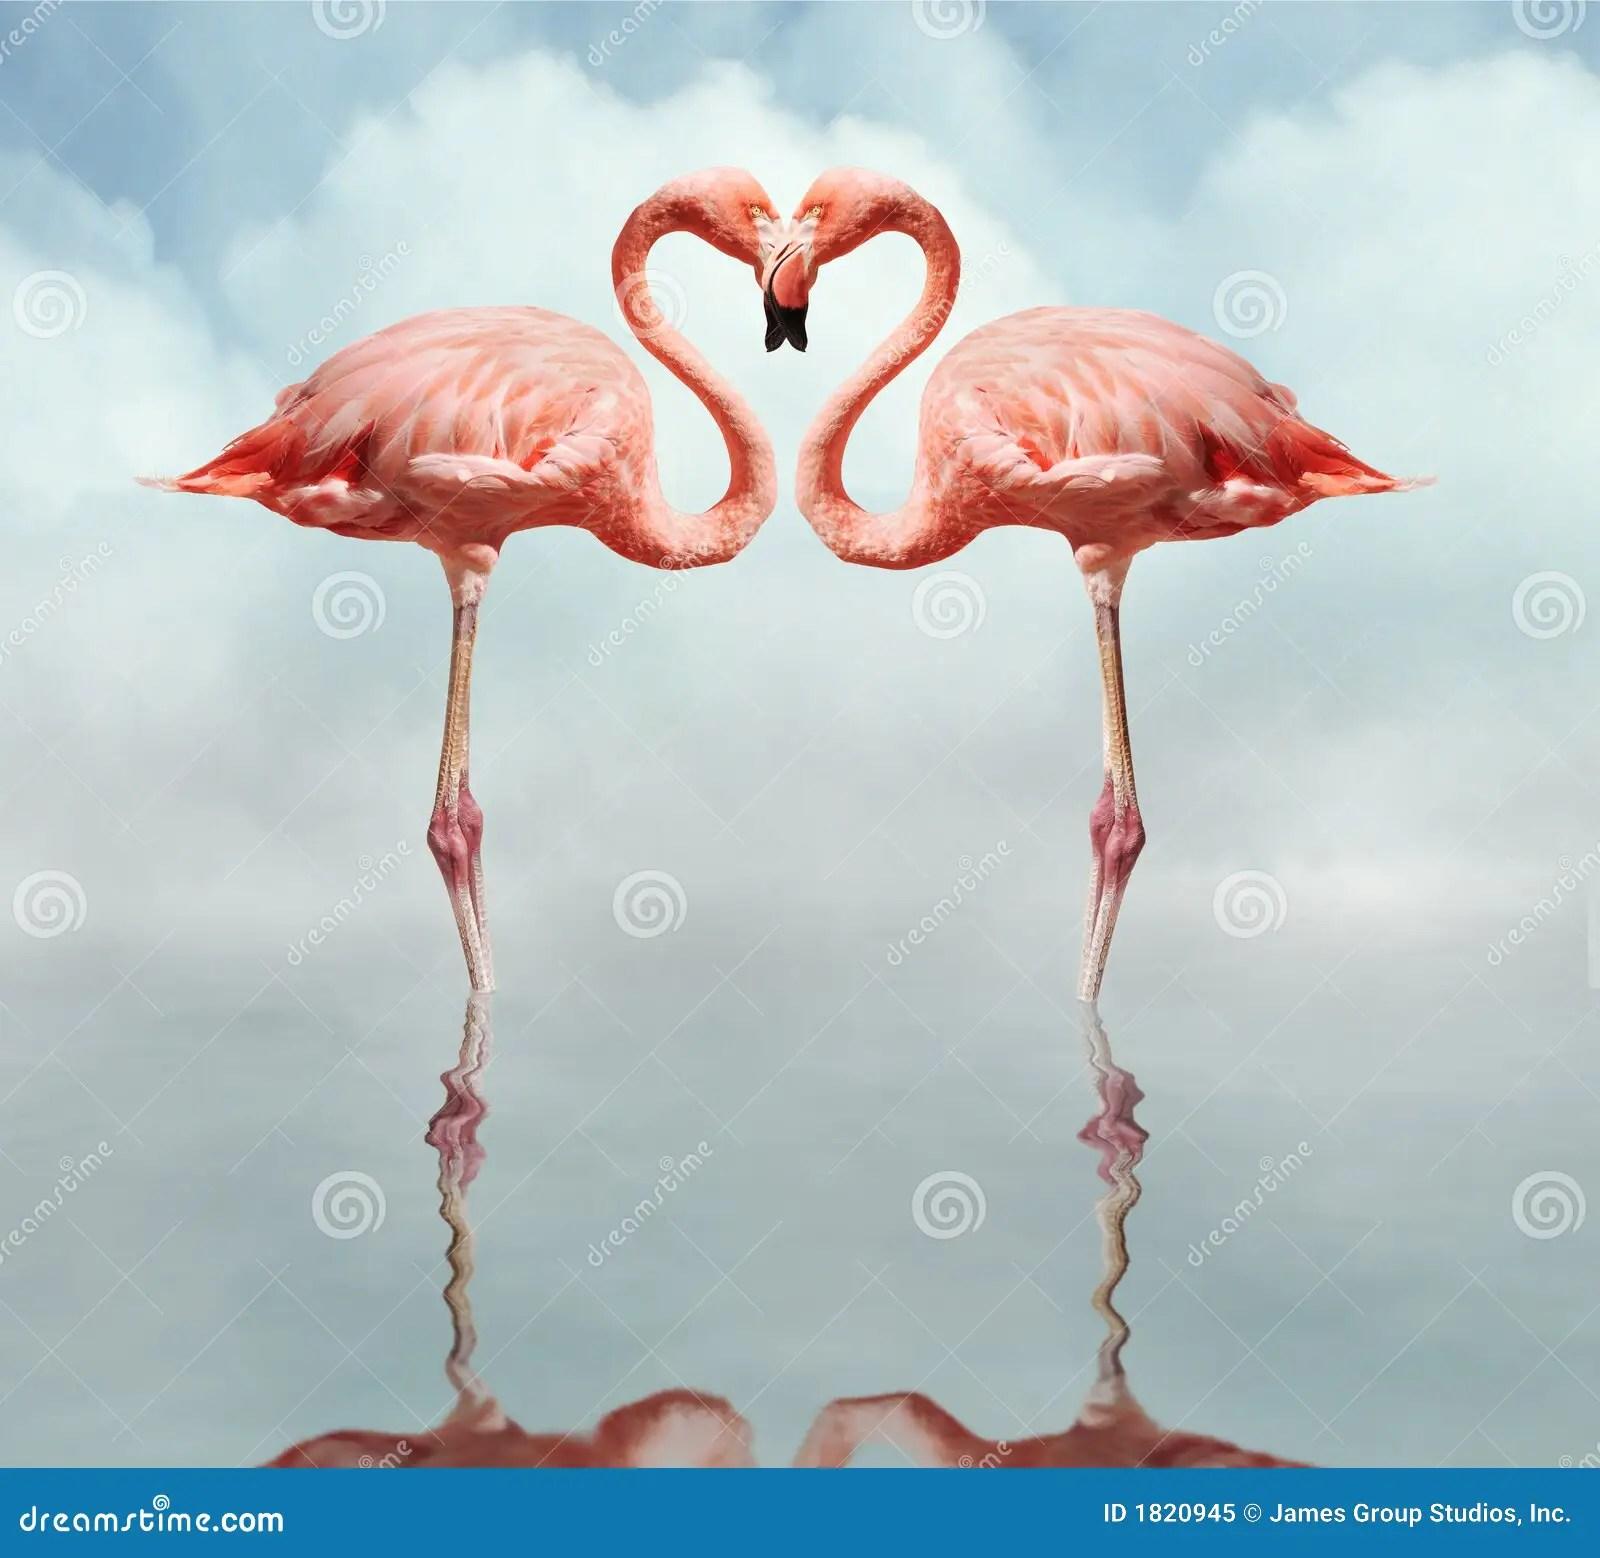 Love Birds stock image Image of feathers tacky aviary